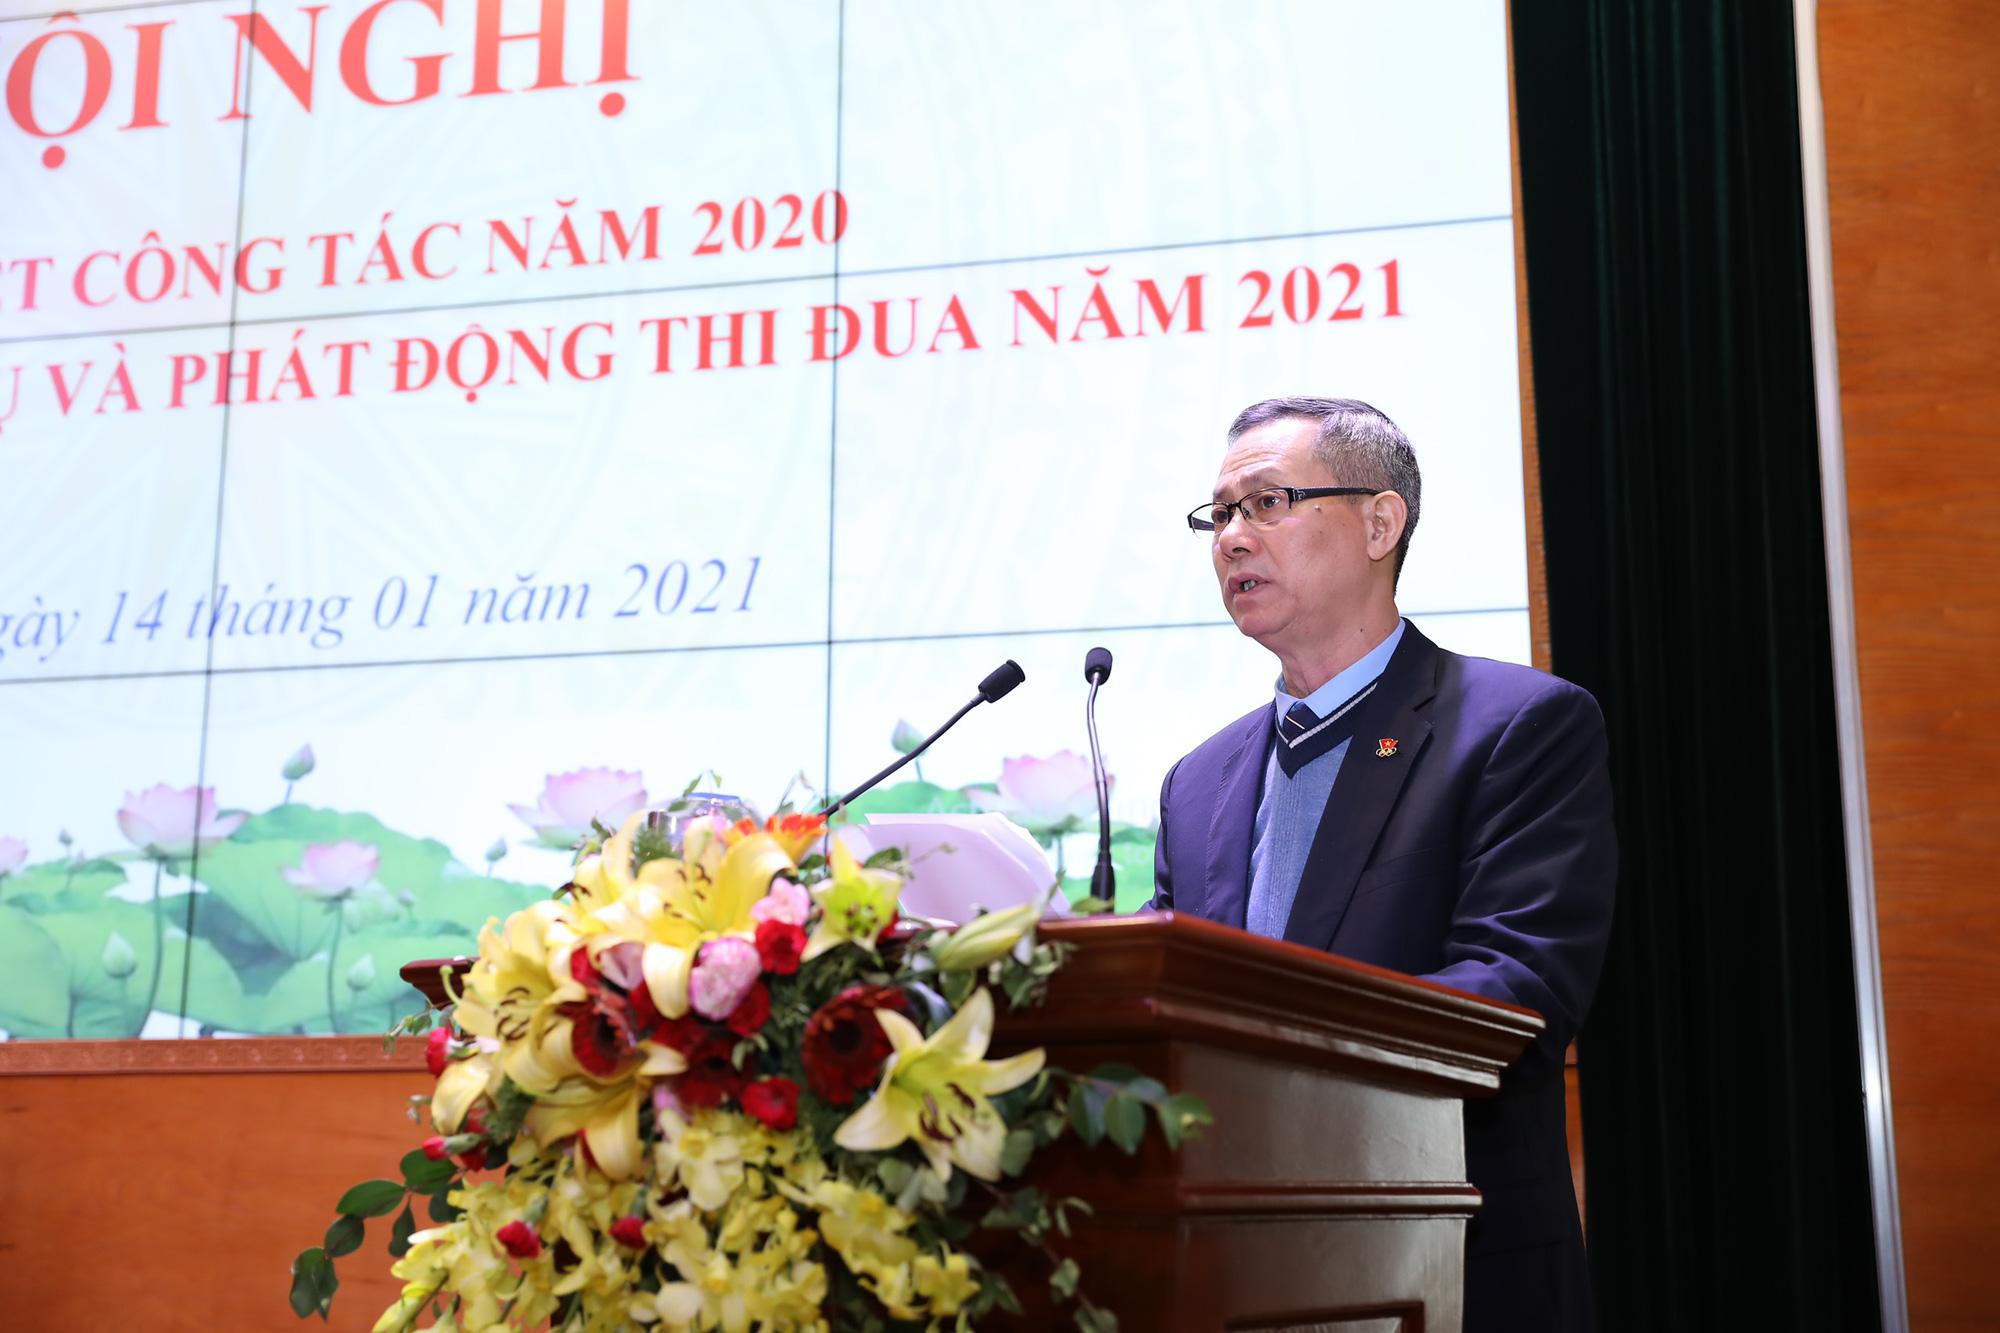 Công đoàn Bộ Văn hóa, Thể thao và Du lịch đạt được nhiều kết quả đáng ghi nhận trong năm 2020 - Ảnh 1.